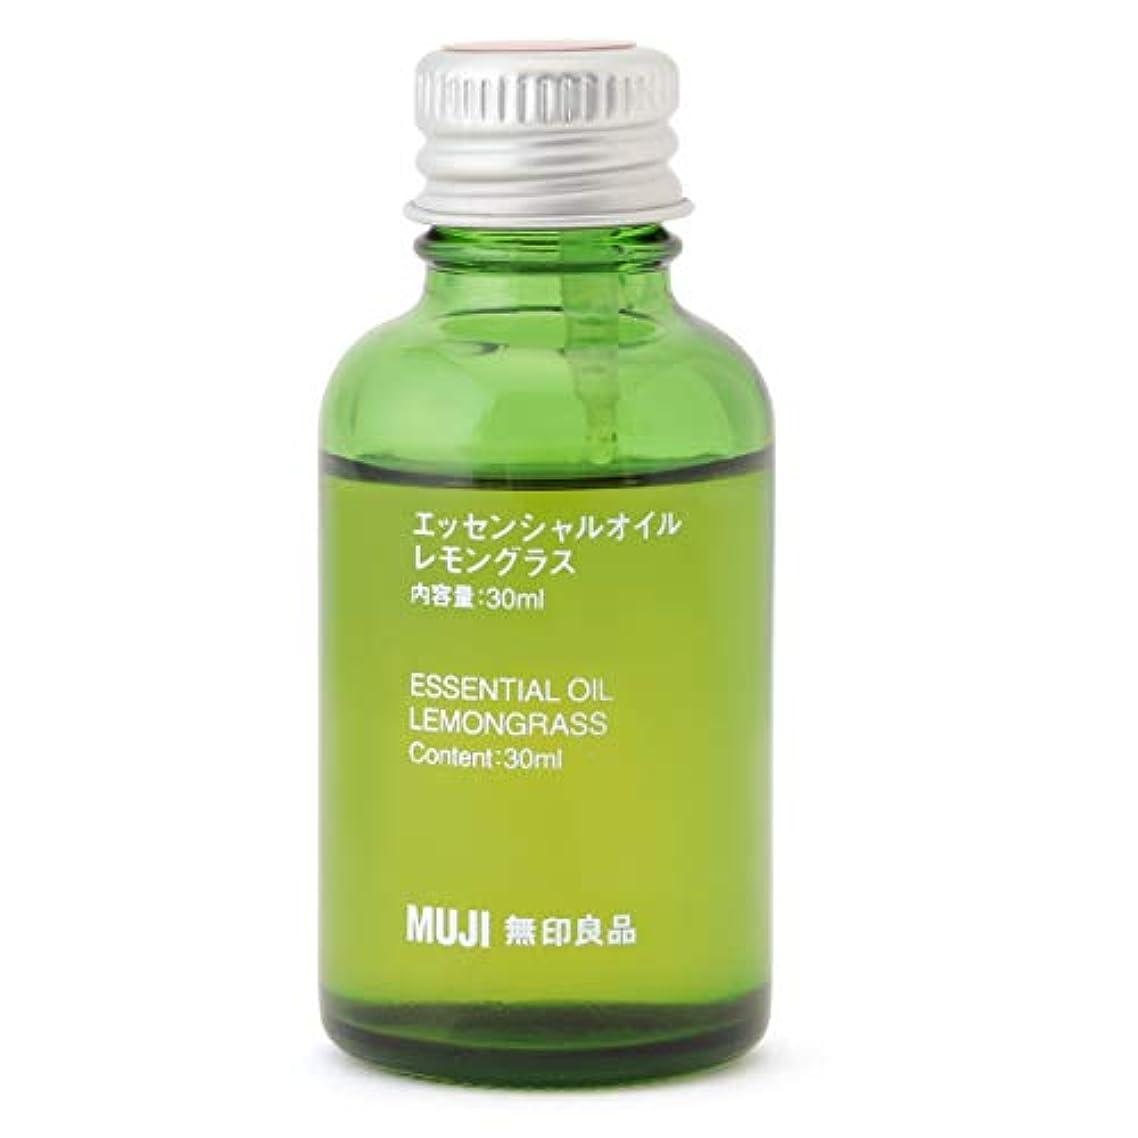 妖精ゴールド説教【無印良品】エッセンシャルオイル30ml(レモングラス)